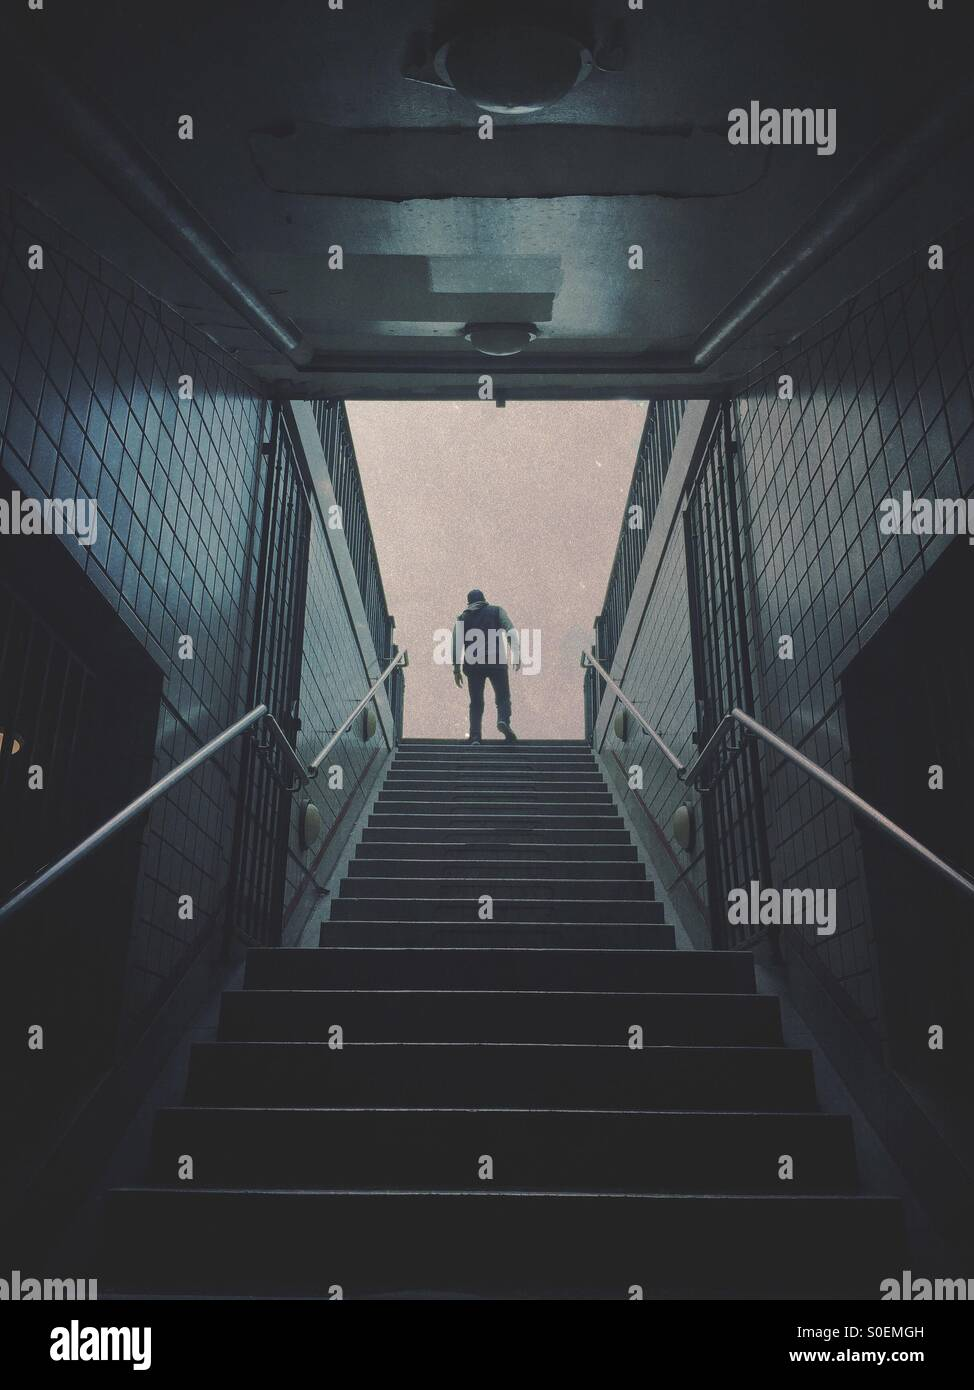 Misteriosa figura masculina dejando la estación de metro Imagen De Stock